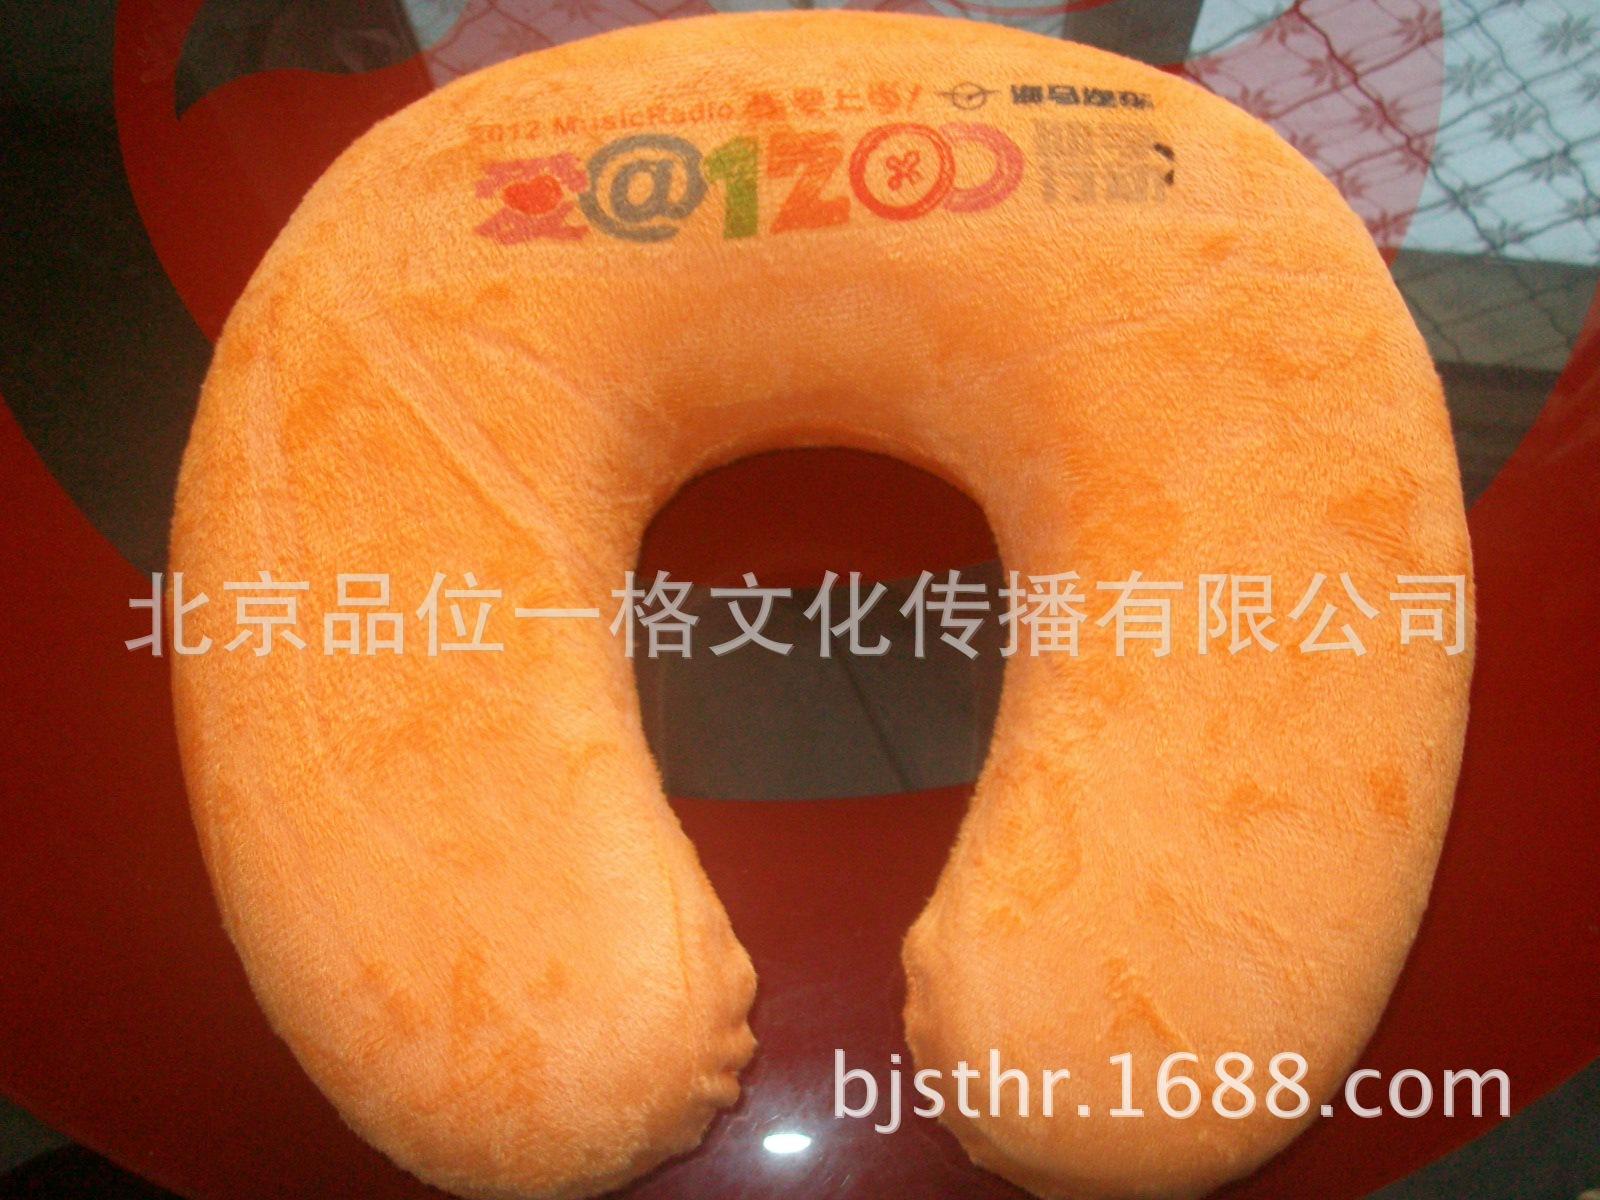 卡通玩偶 毛绒玩具热转印烫画定制生产,北京工厂专业供应生产